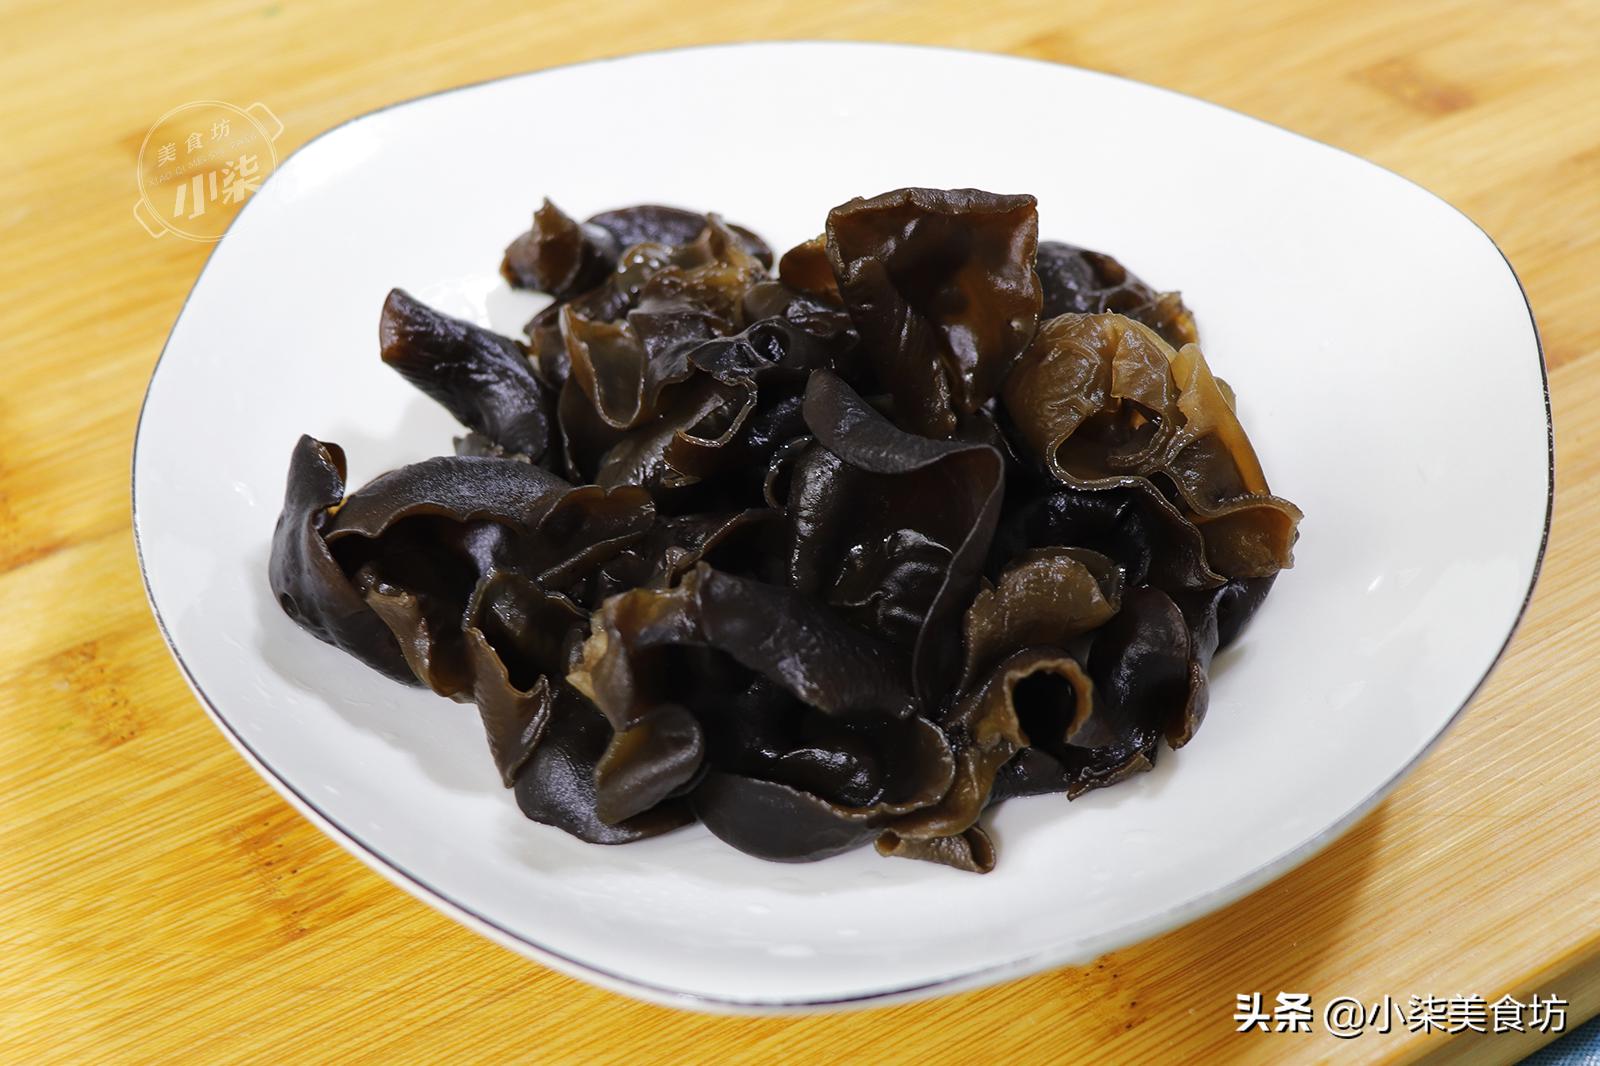 韭菜最好吃做法,打3個雞蛋,不炒不炸,80歲奶奶從小到大吃不膩